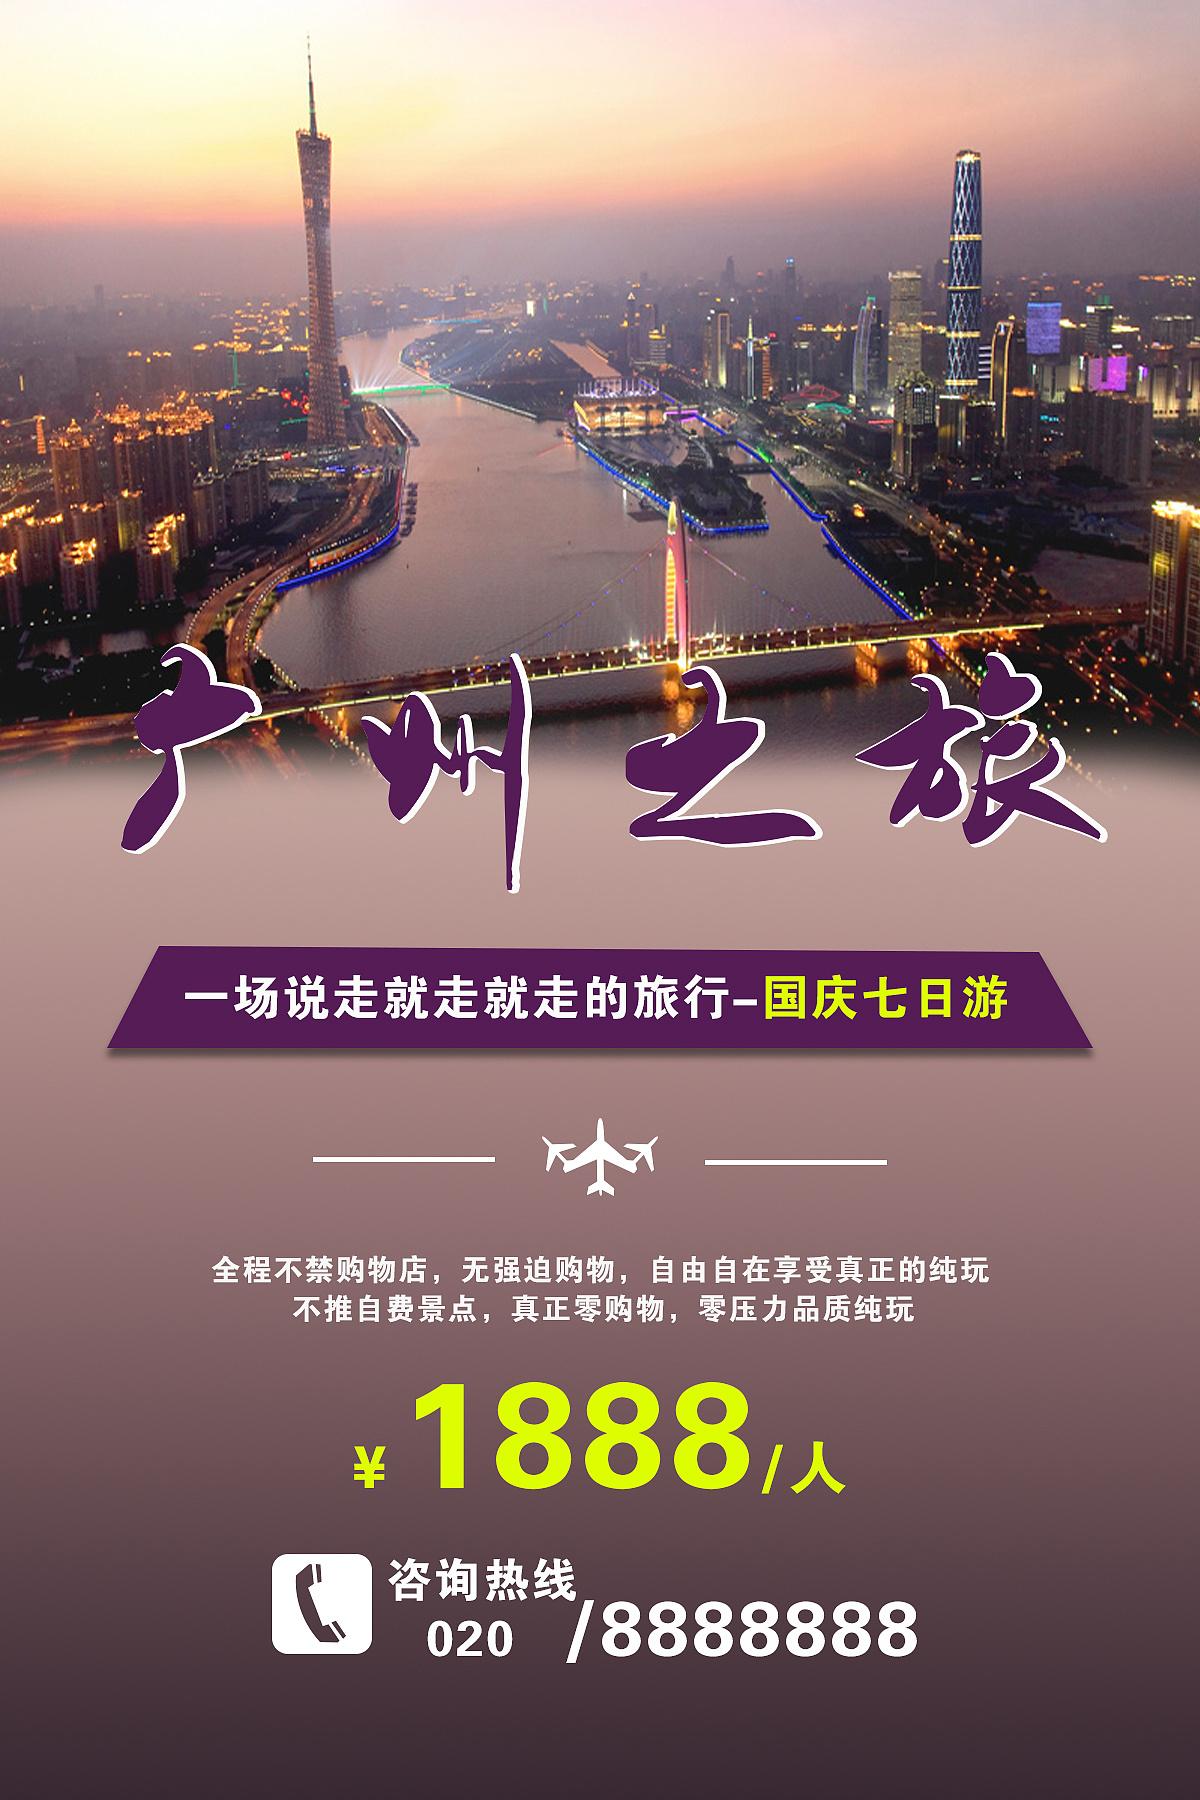 该设计为一款旅游海报,展示了广州具有地标图片